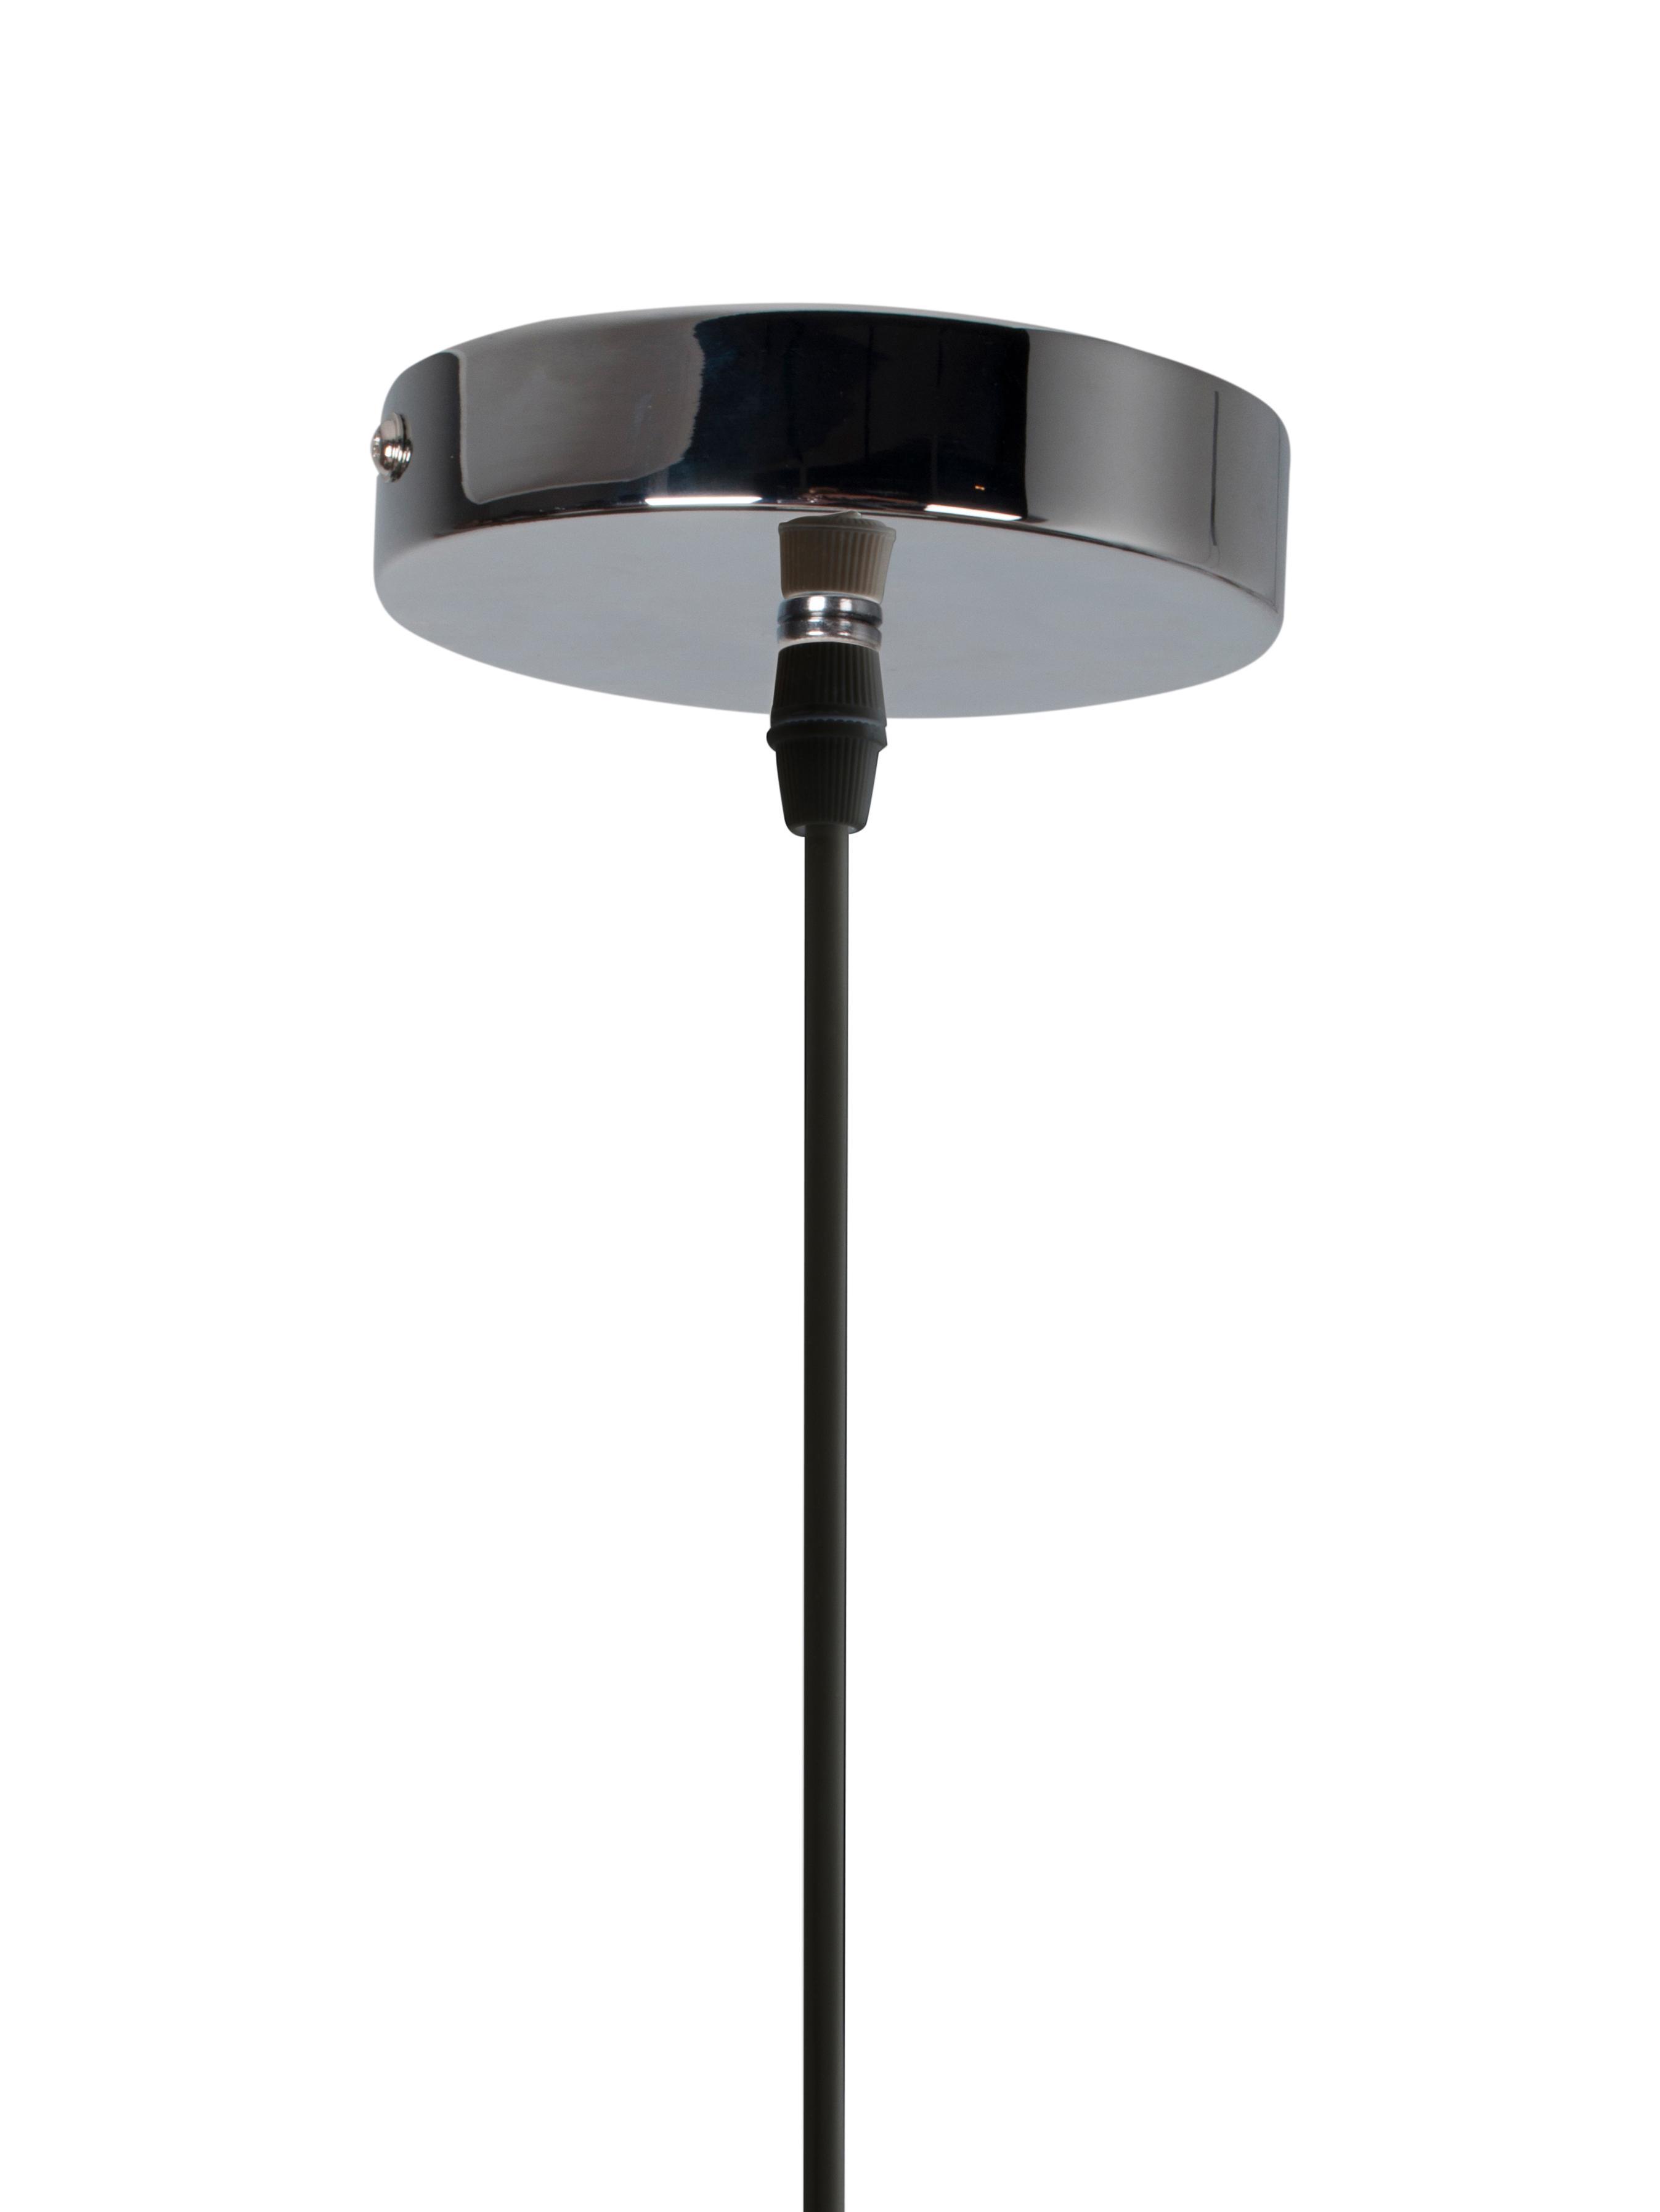 Pendelleuchte Cable Drop aus Stoff, Metall, Textil, Schwarz, Ø 45 x H 51 cm